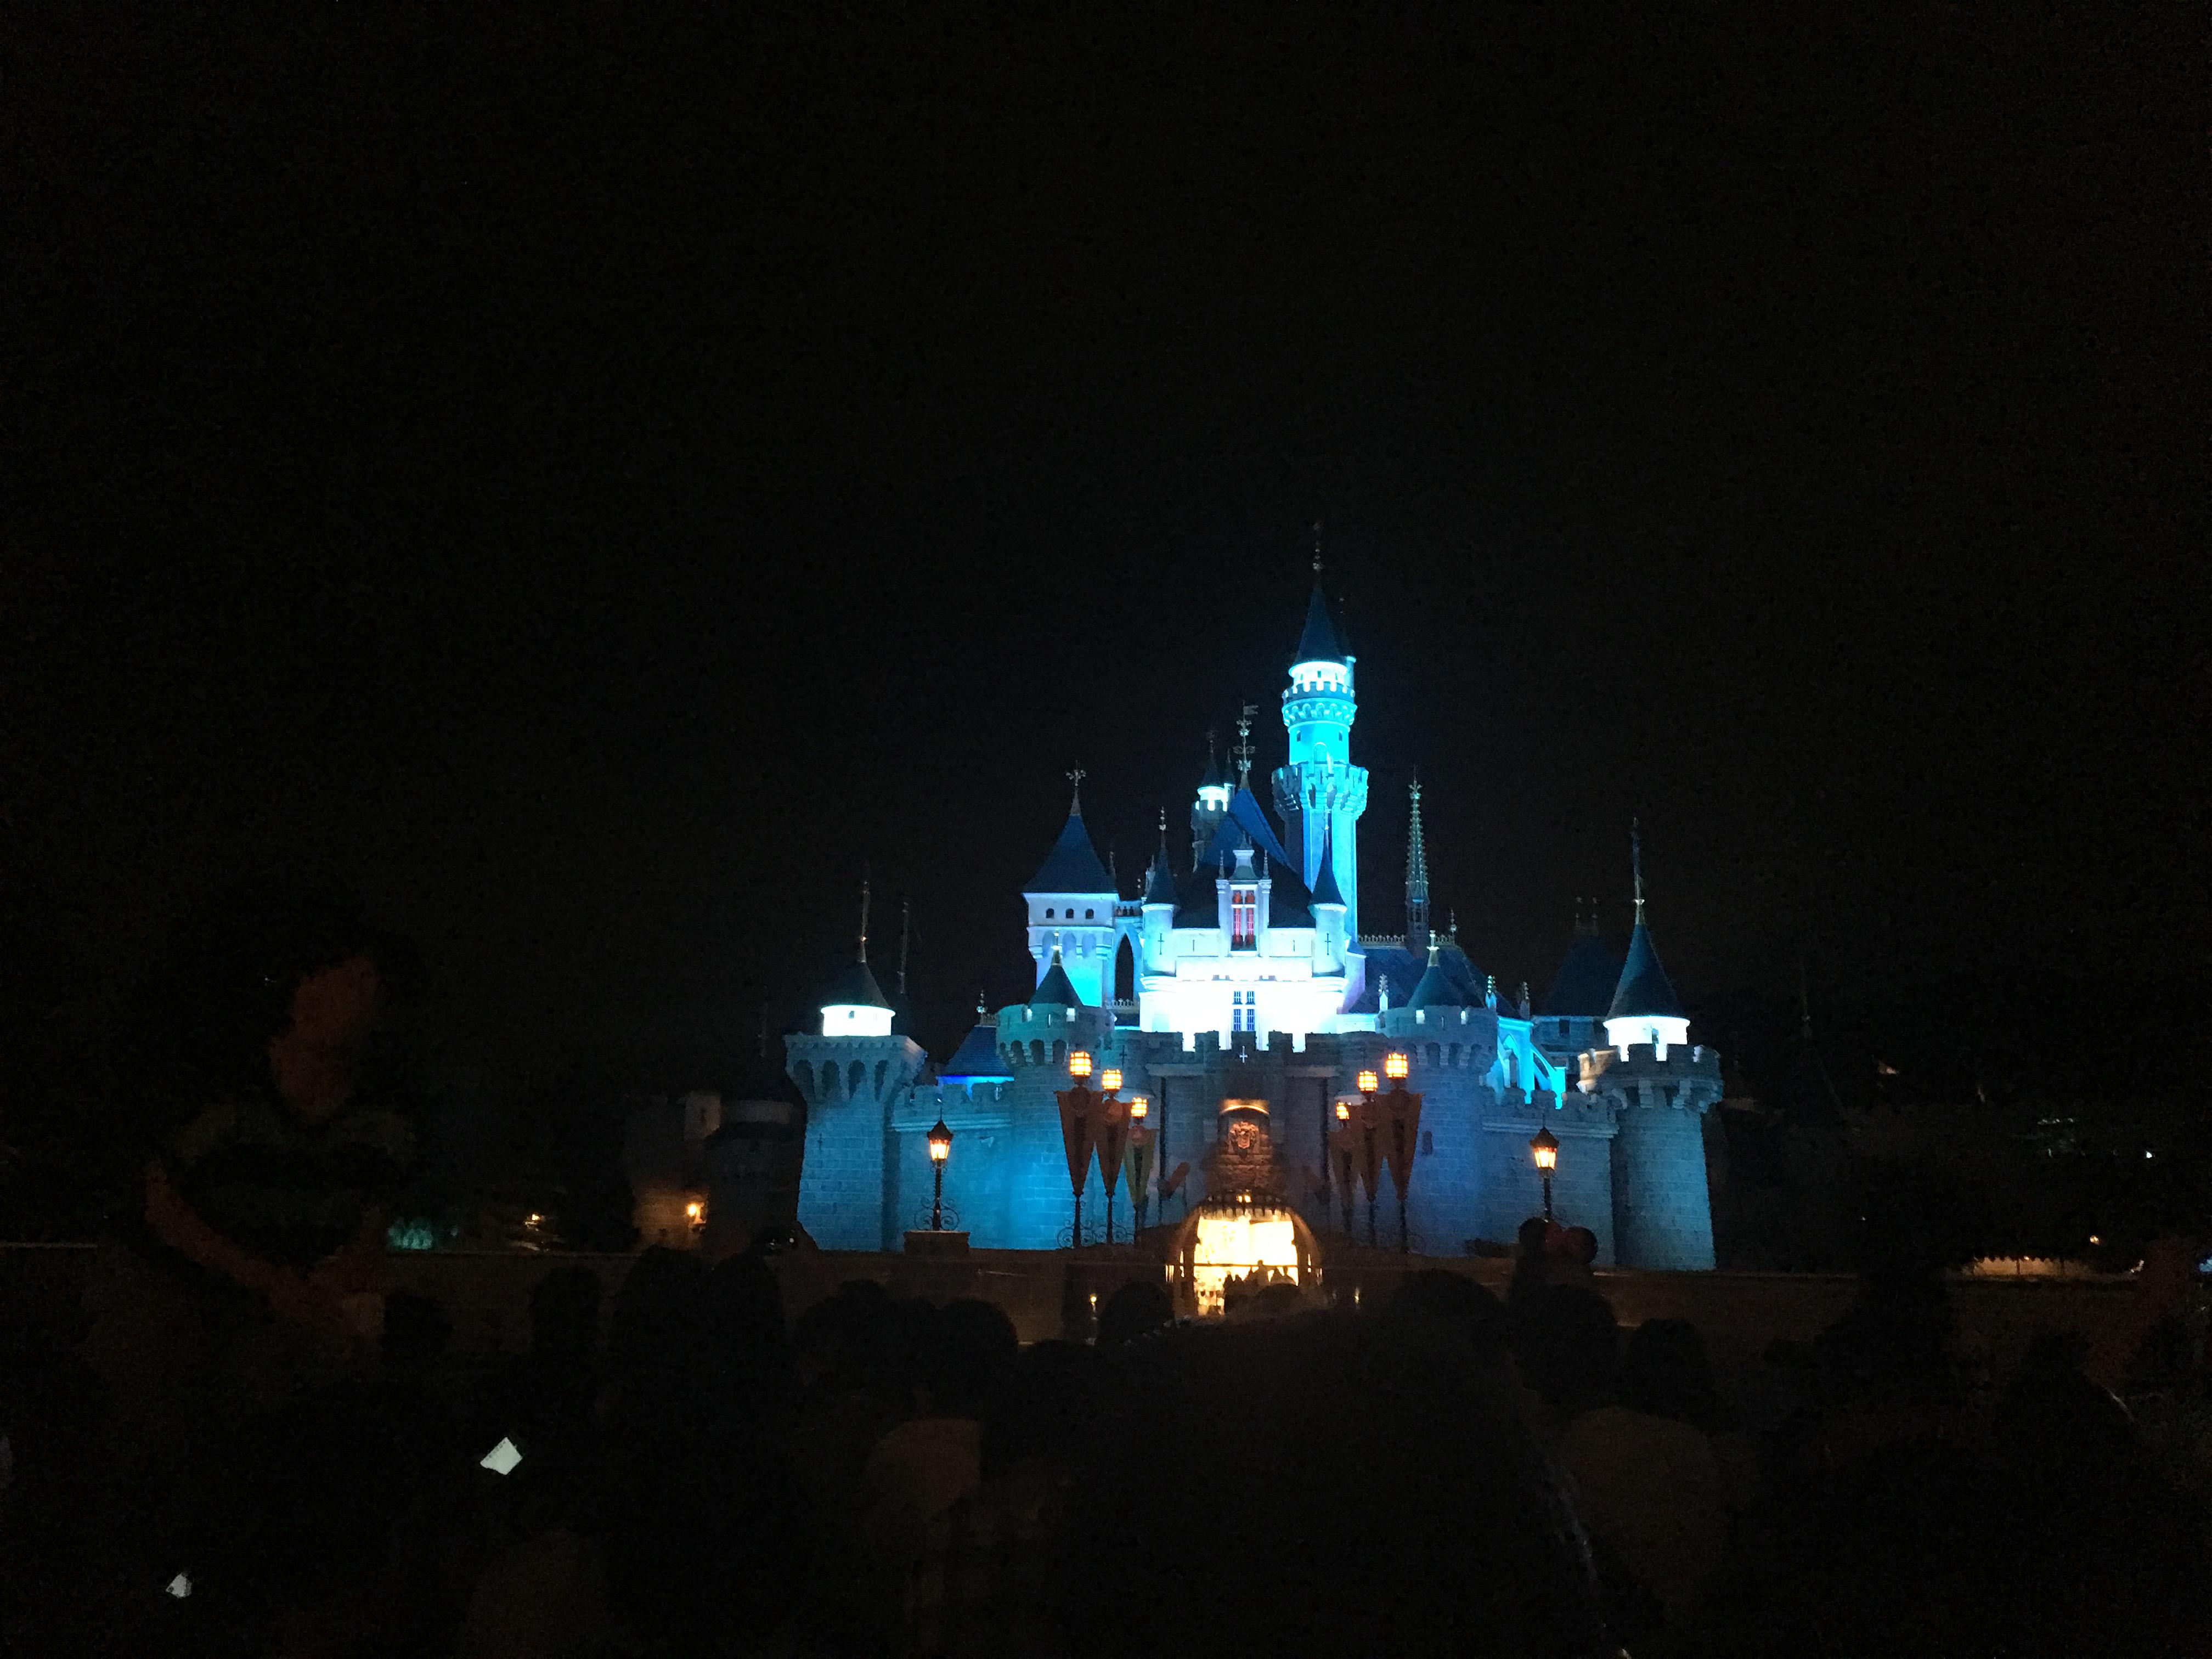 迪士尼睡公主城堡